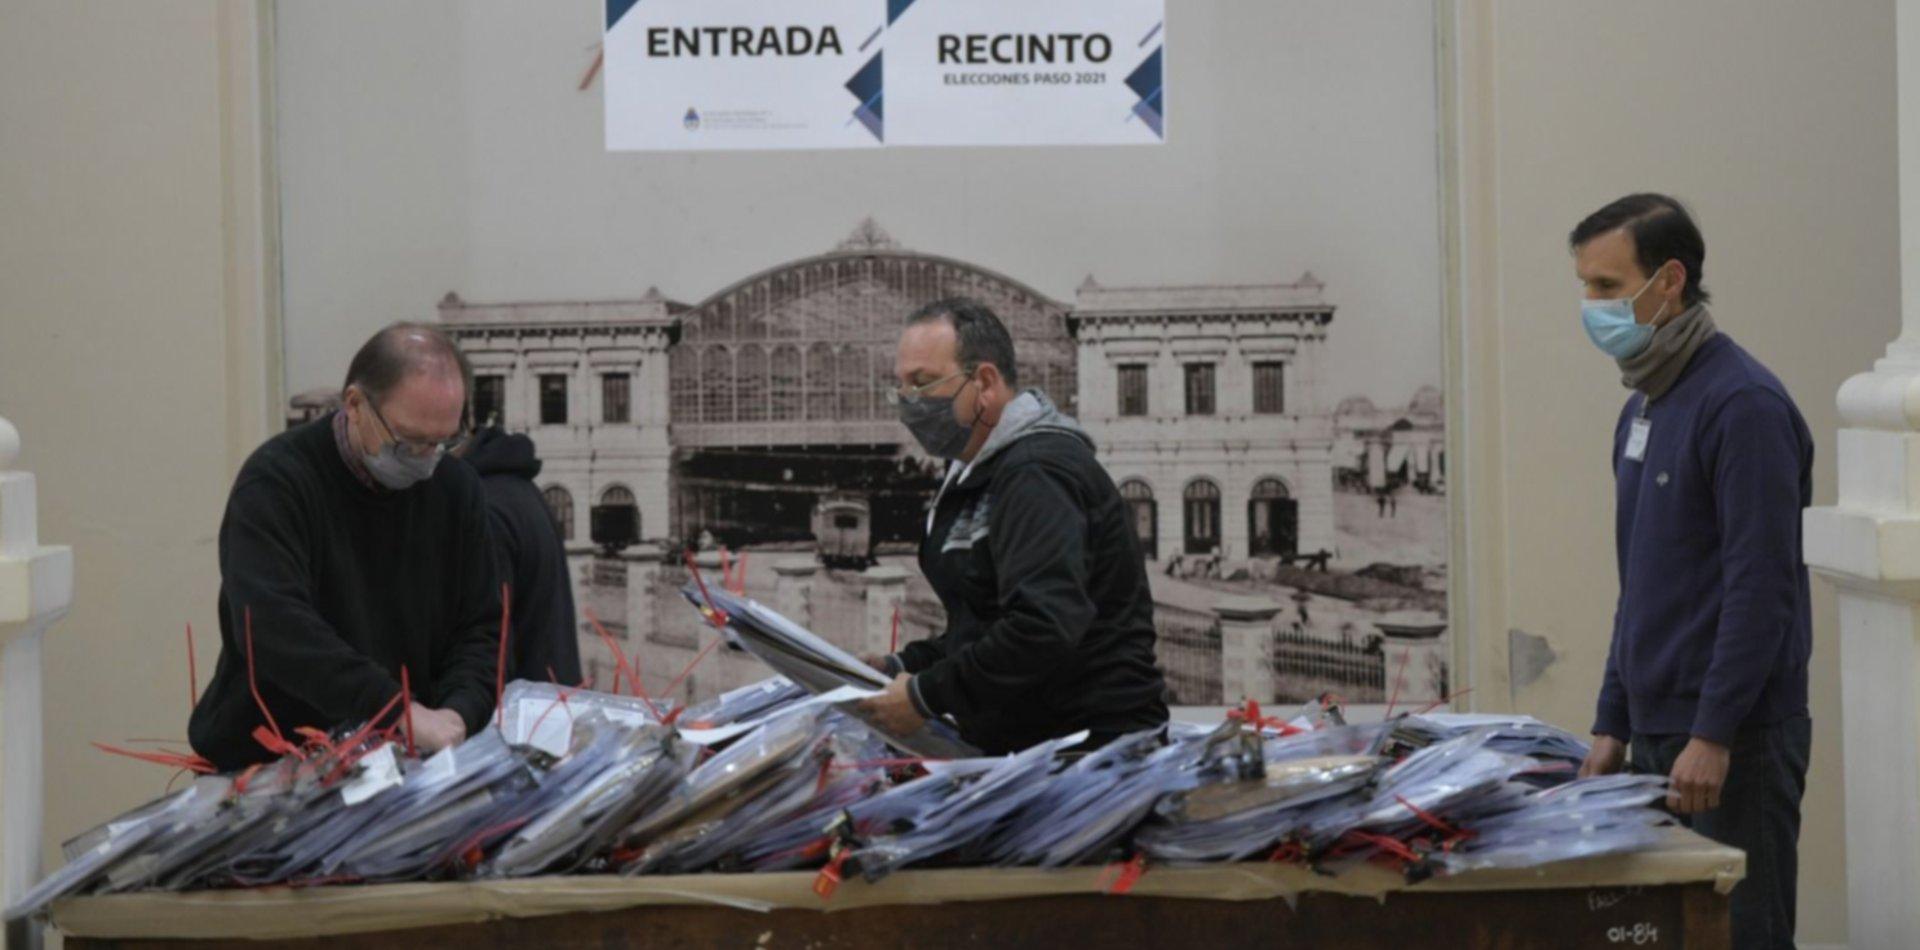 Arrancó en La Plata el escrutinio definitivo de las últimas PASO